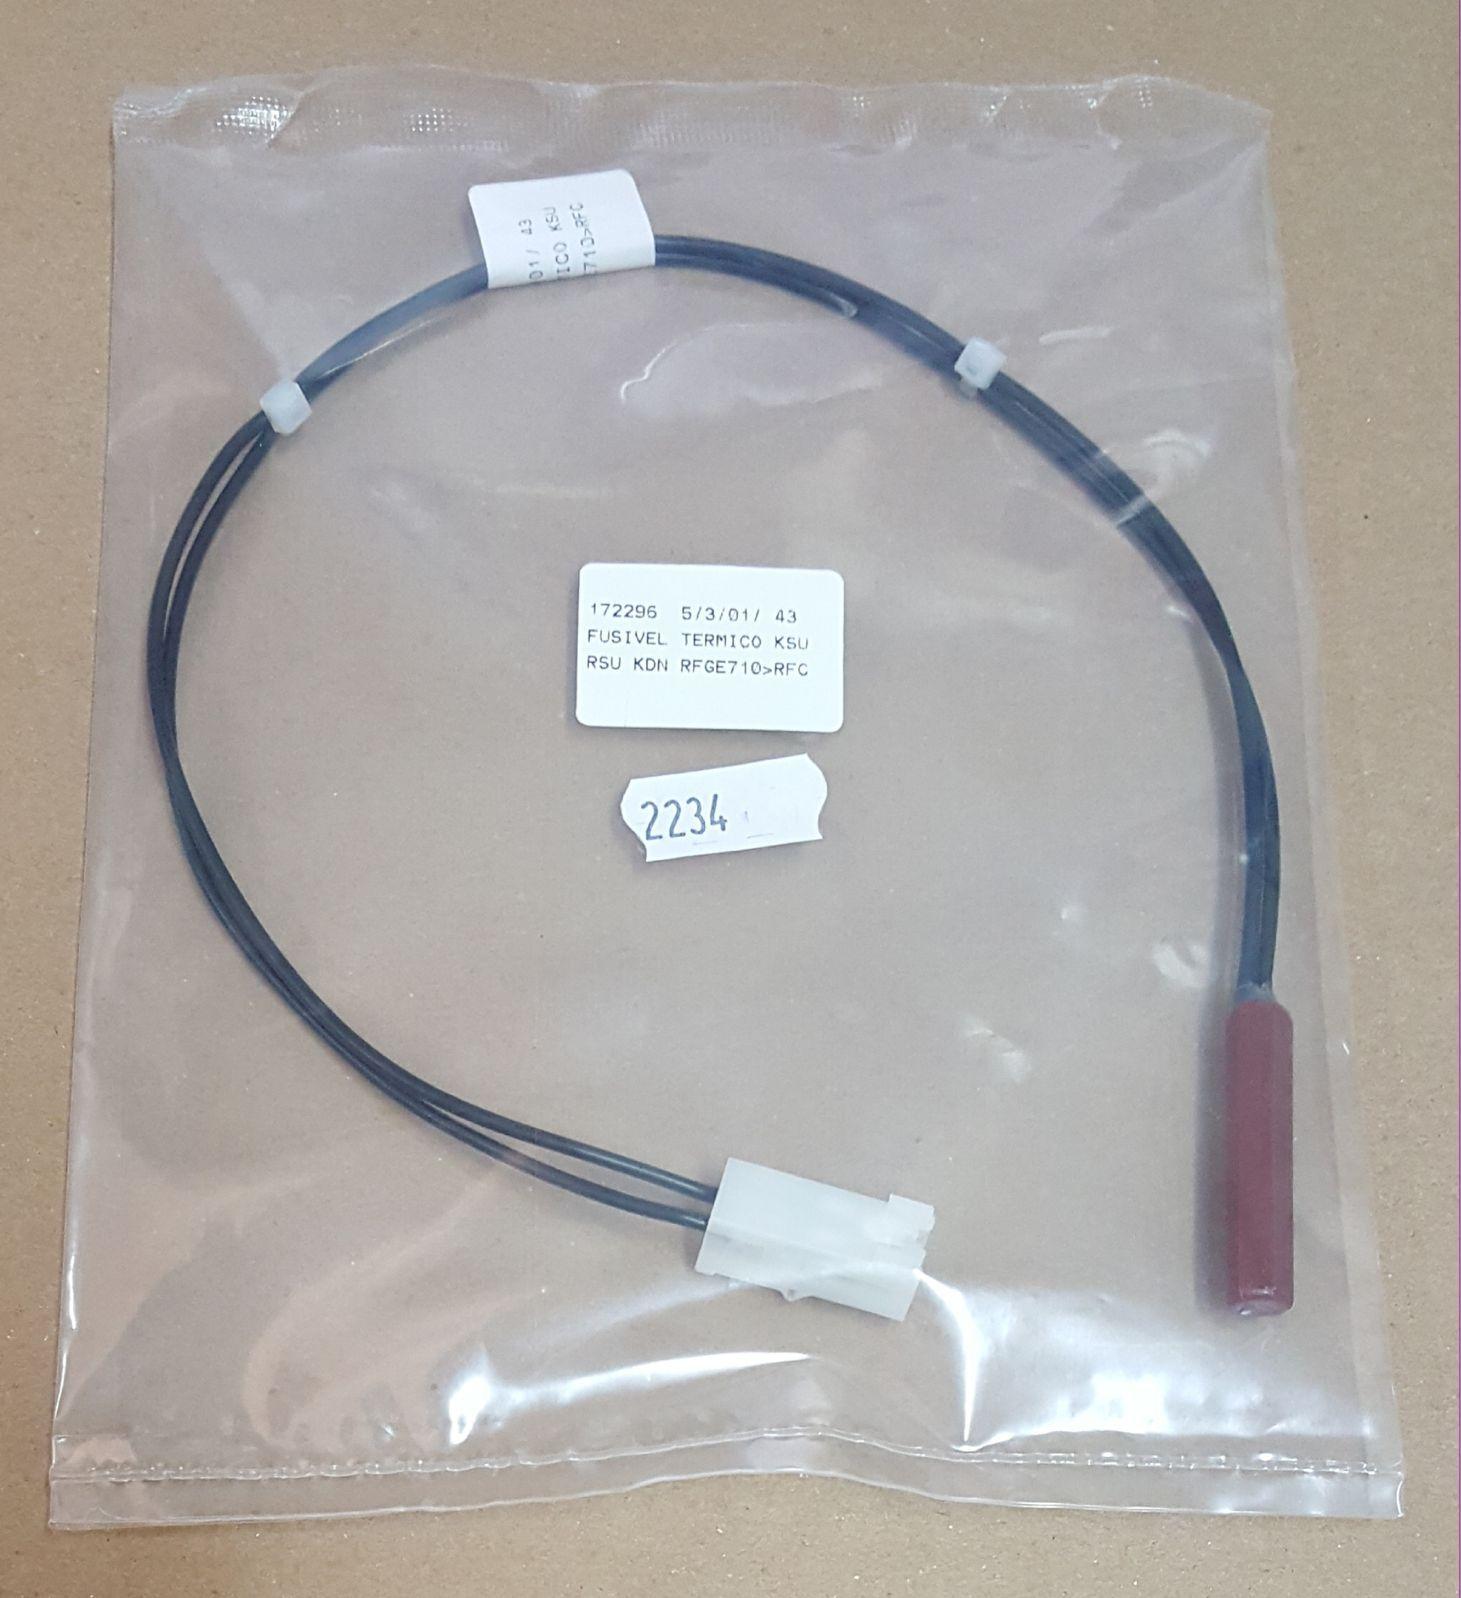 Fusível Térmico para Geladeira Bosch / Continental - KDN / KSU / RSU / RFGE710 - Cod. 172296